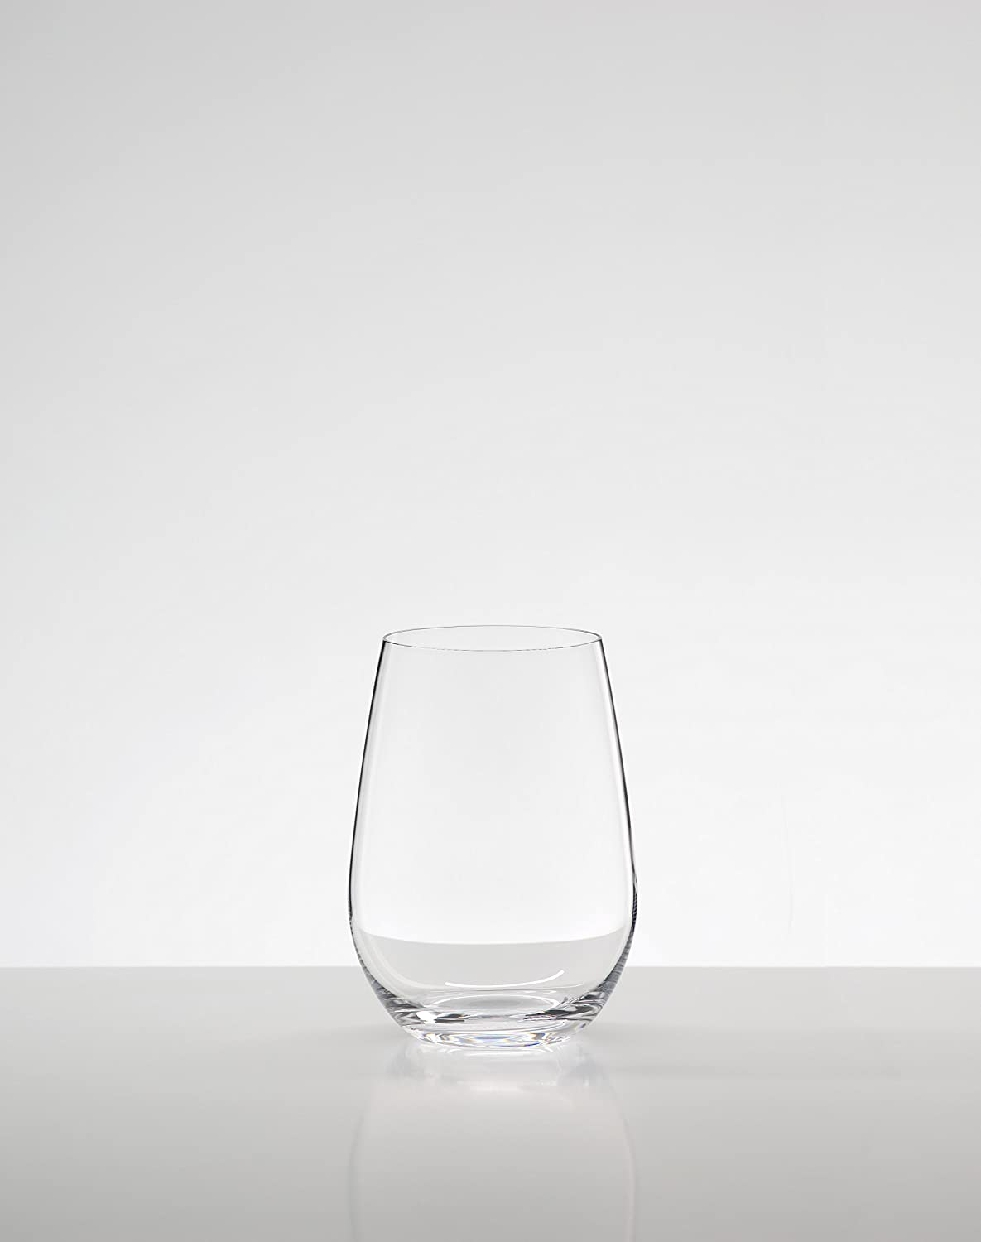 RIEDEL(リーデル) <リーデル・オー> リースリング/ソーヴィニヨン・ブラン(2個入) 0414/15の商品画像2